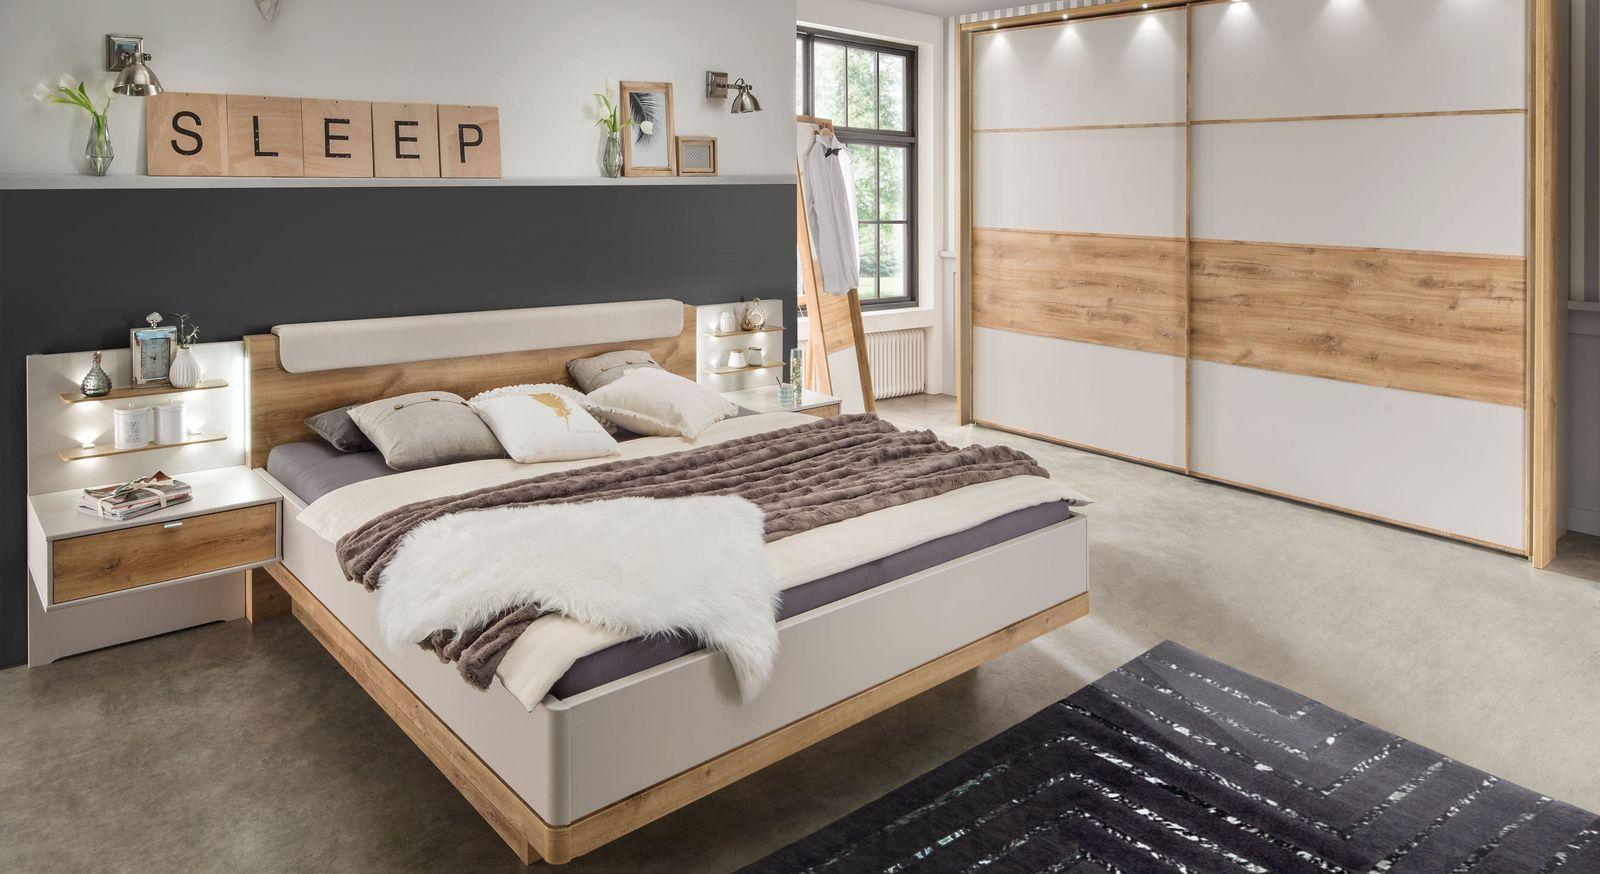 Bett Seabrook mit praktischem Bettkasten